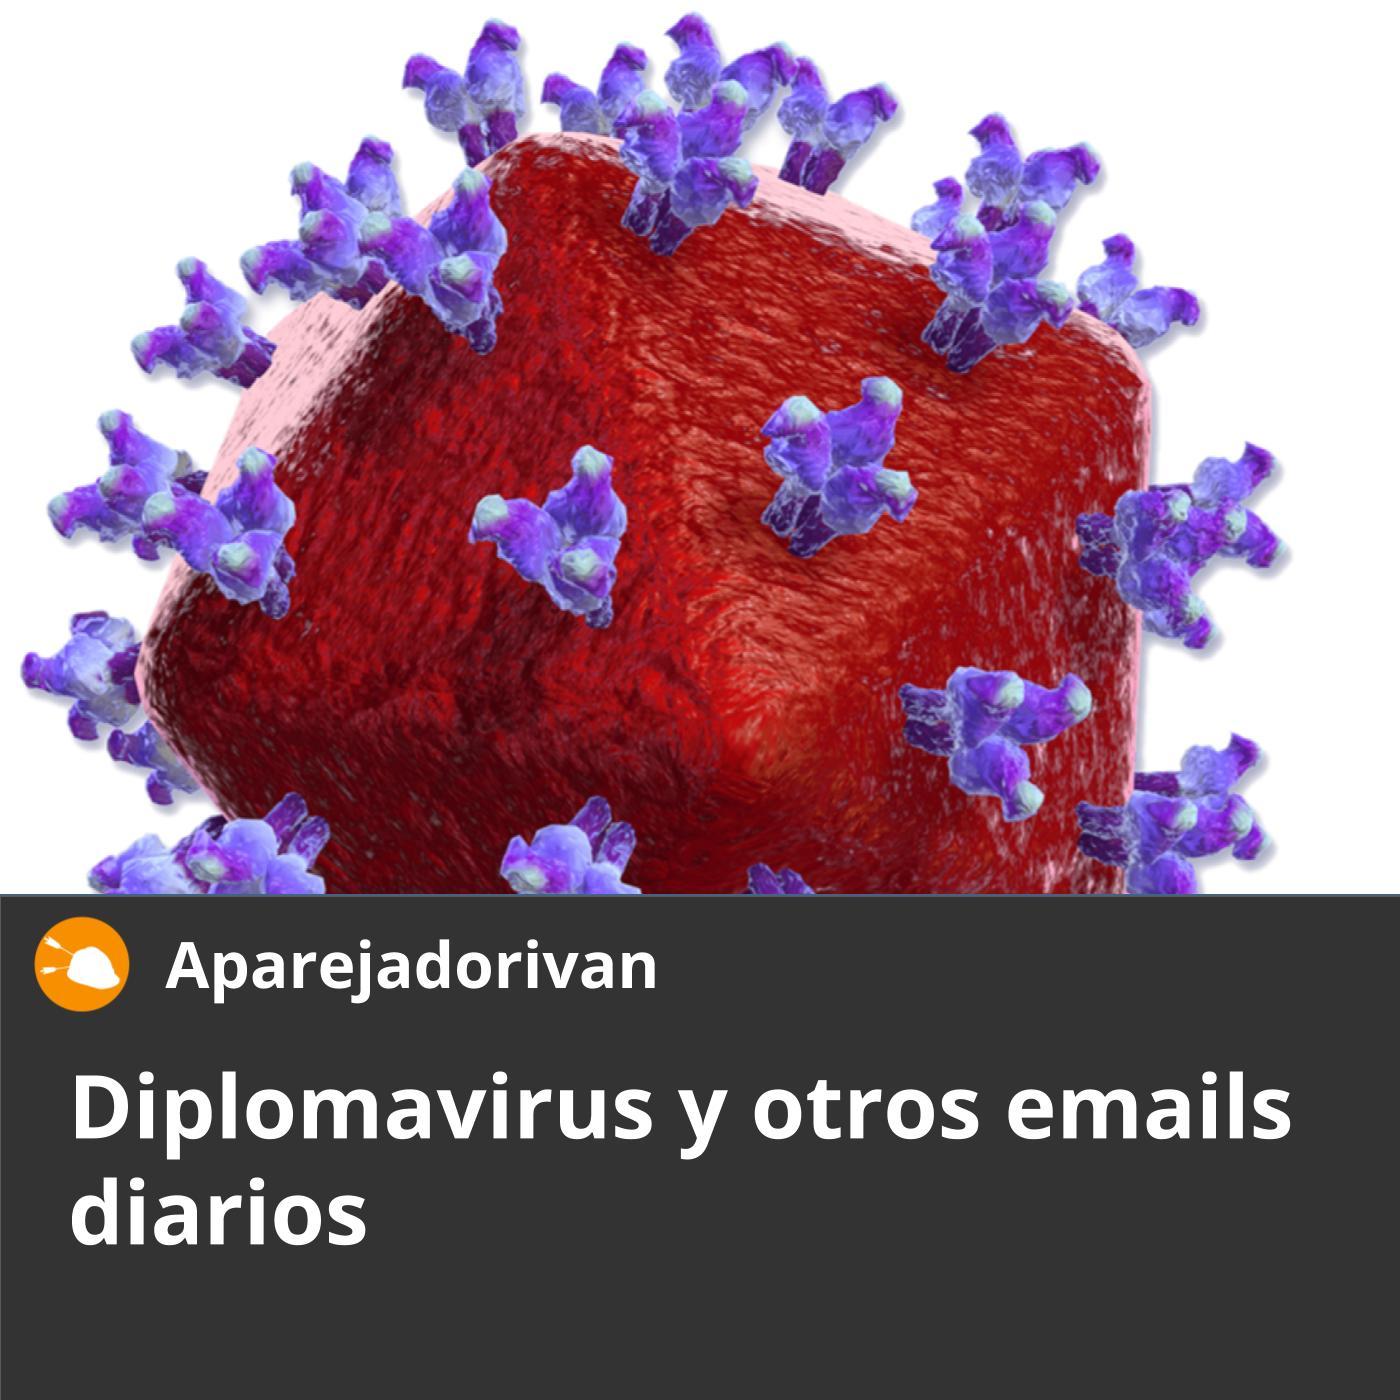 diplomavirus y otros emails diarios